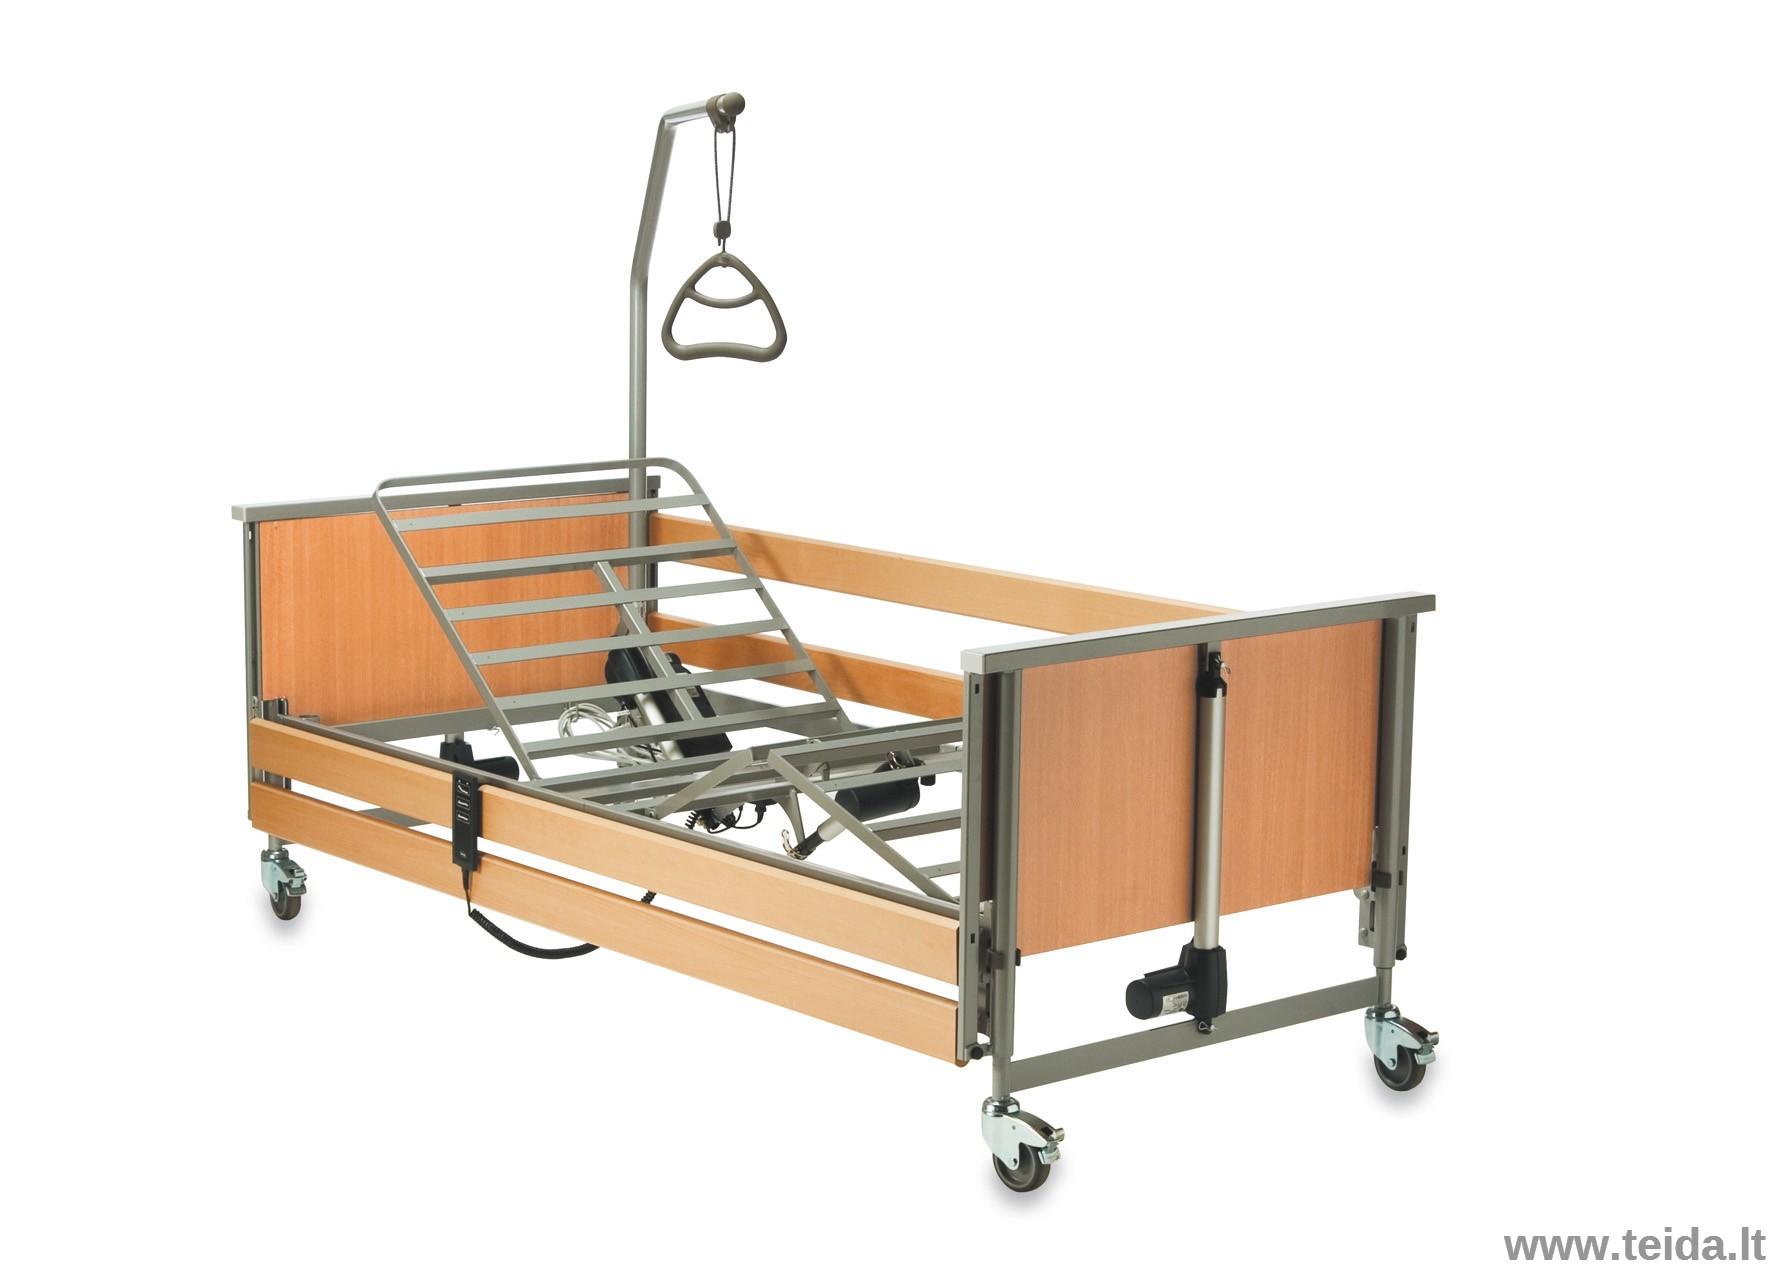 Invacare funkcinė slaugos lova, nuomai